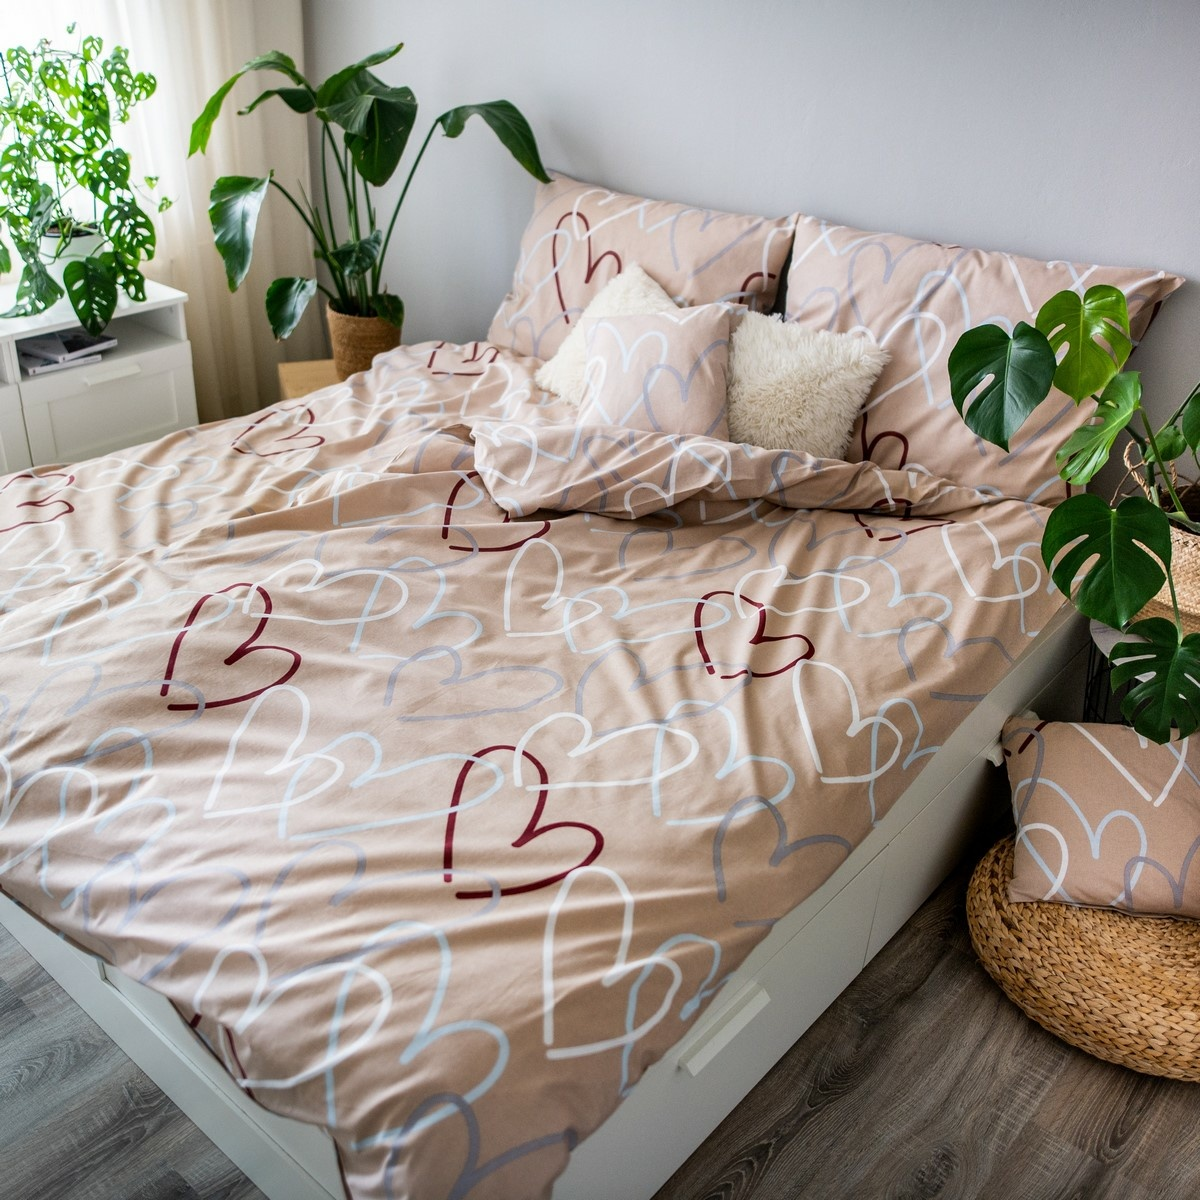 Jahu Bavlněné povlečení Dita Love béžová, 140 x 200 cm, 70 x 90 cm + 40 x 40 cm